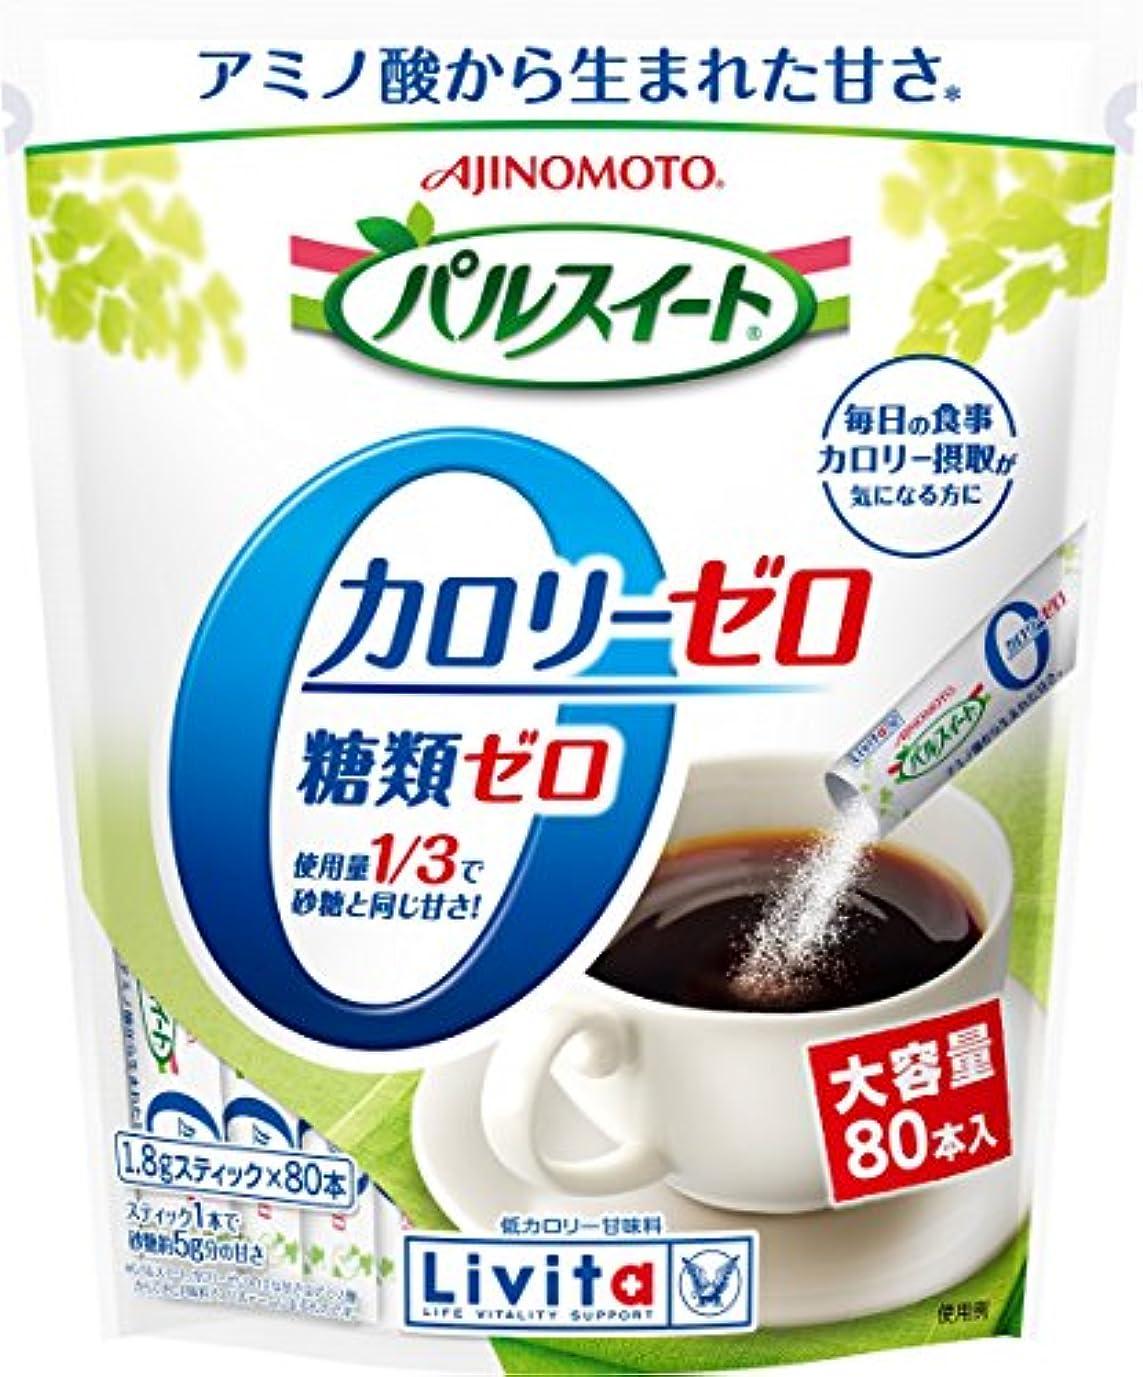 スナックフィッティングアイスクリーム大正製薬 パルスイートカロリーゼロ顆粒スティック 80本